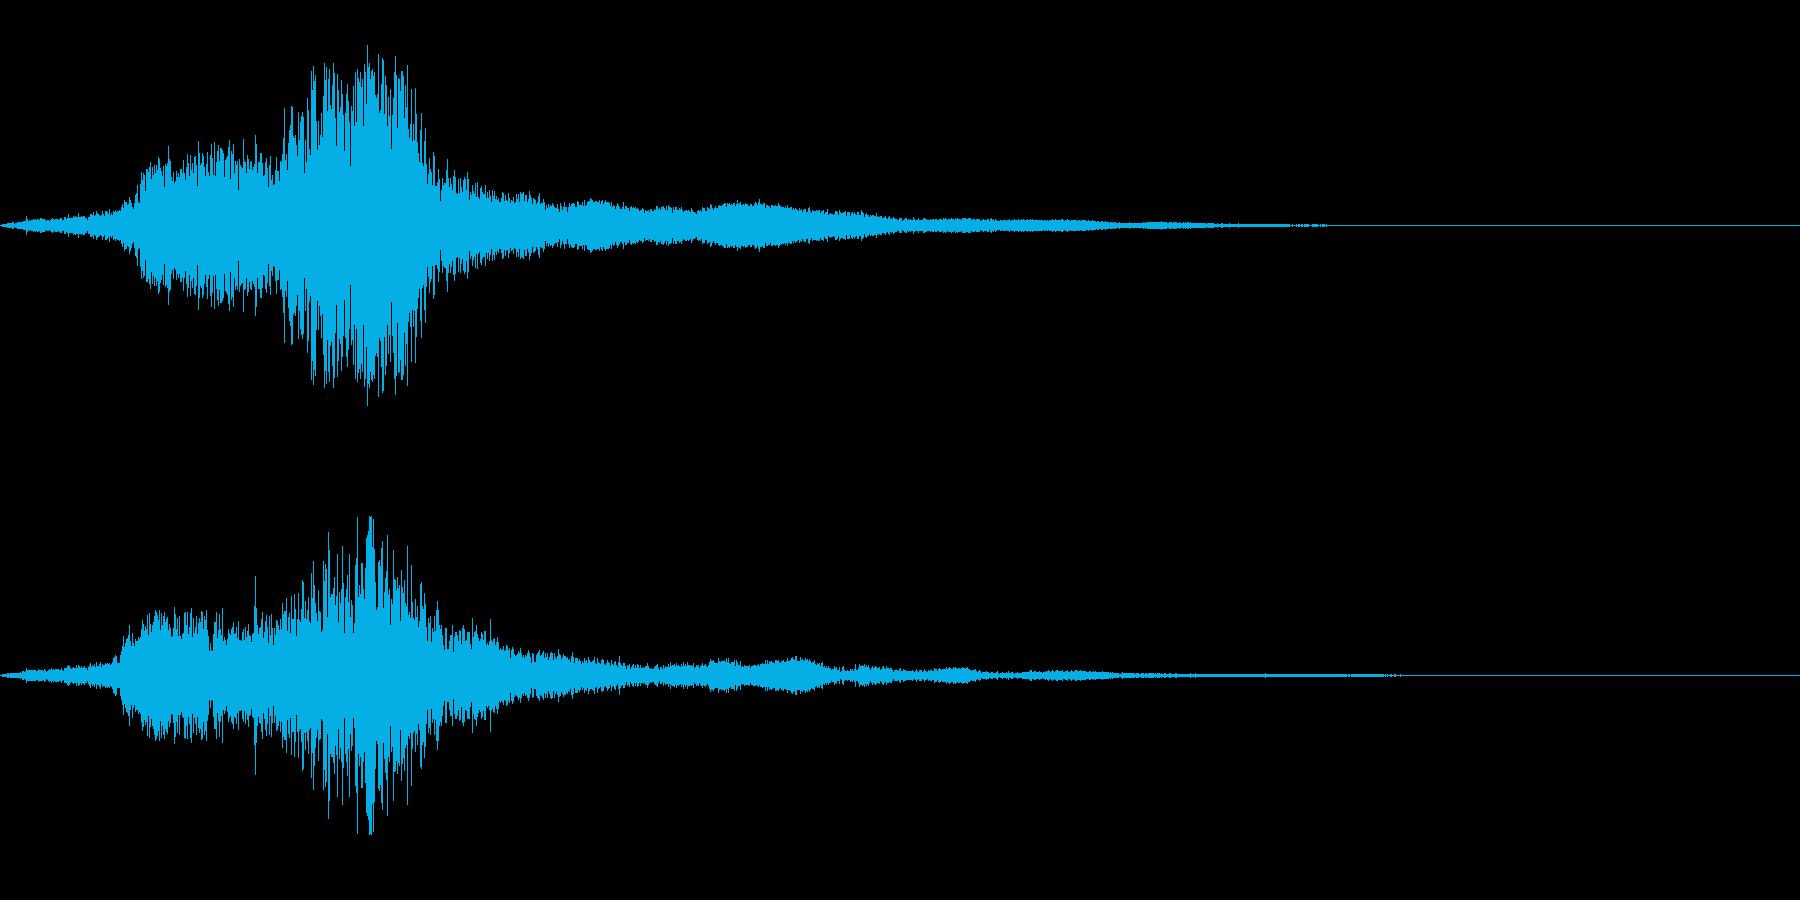 刀の素振り(シュキーン)の再生済みの波形